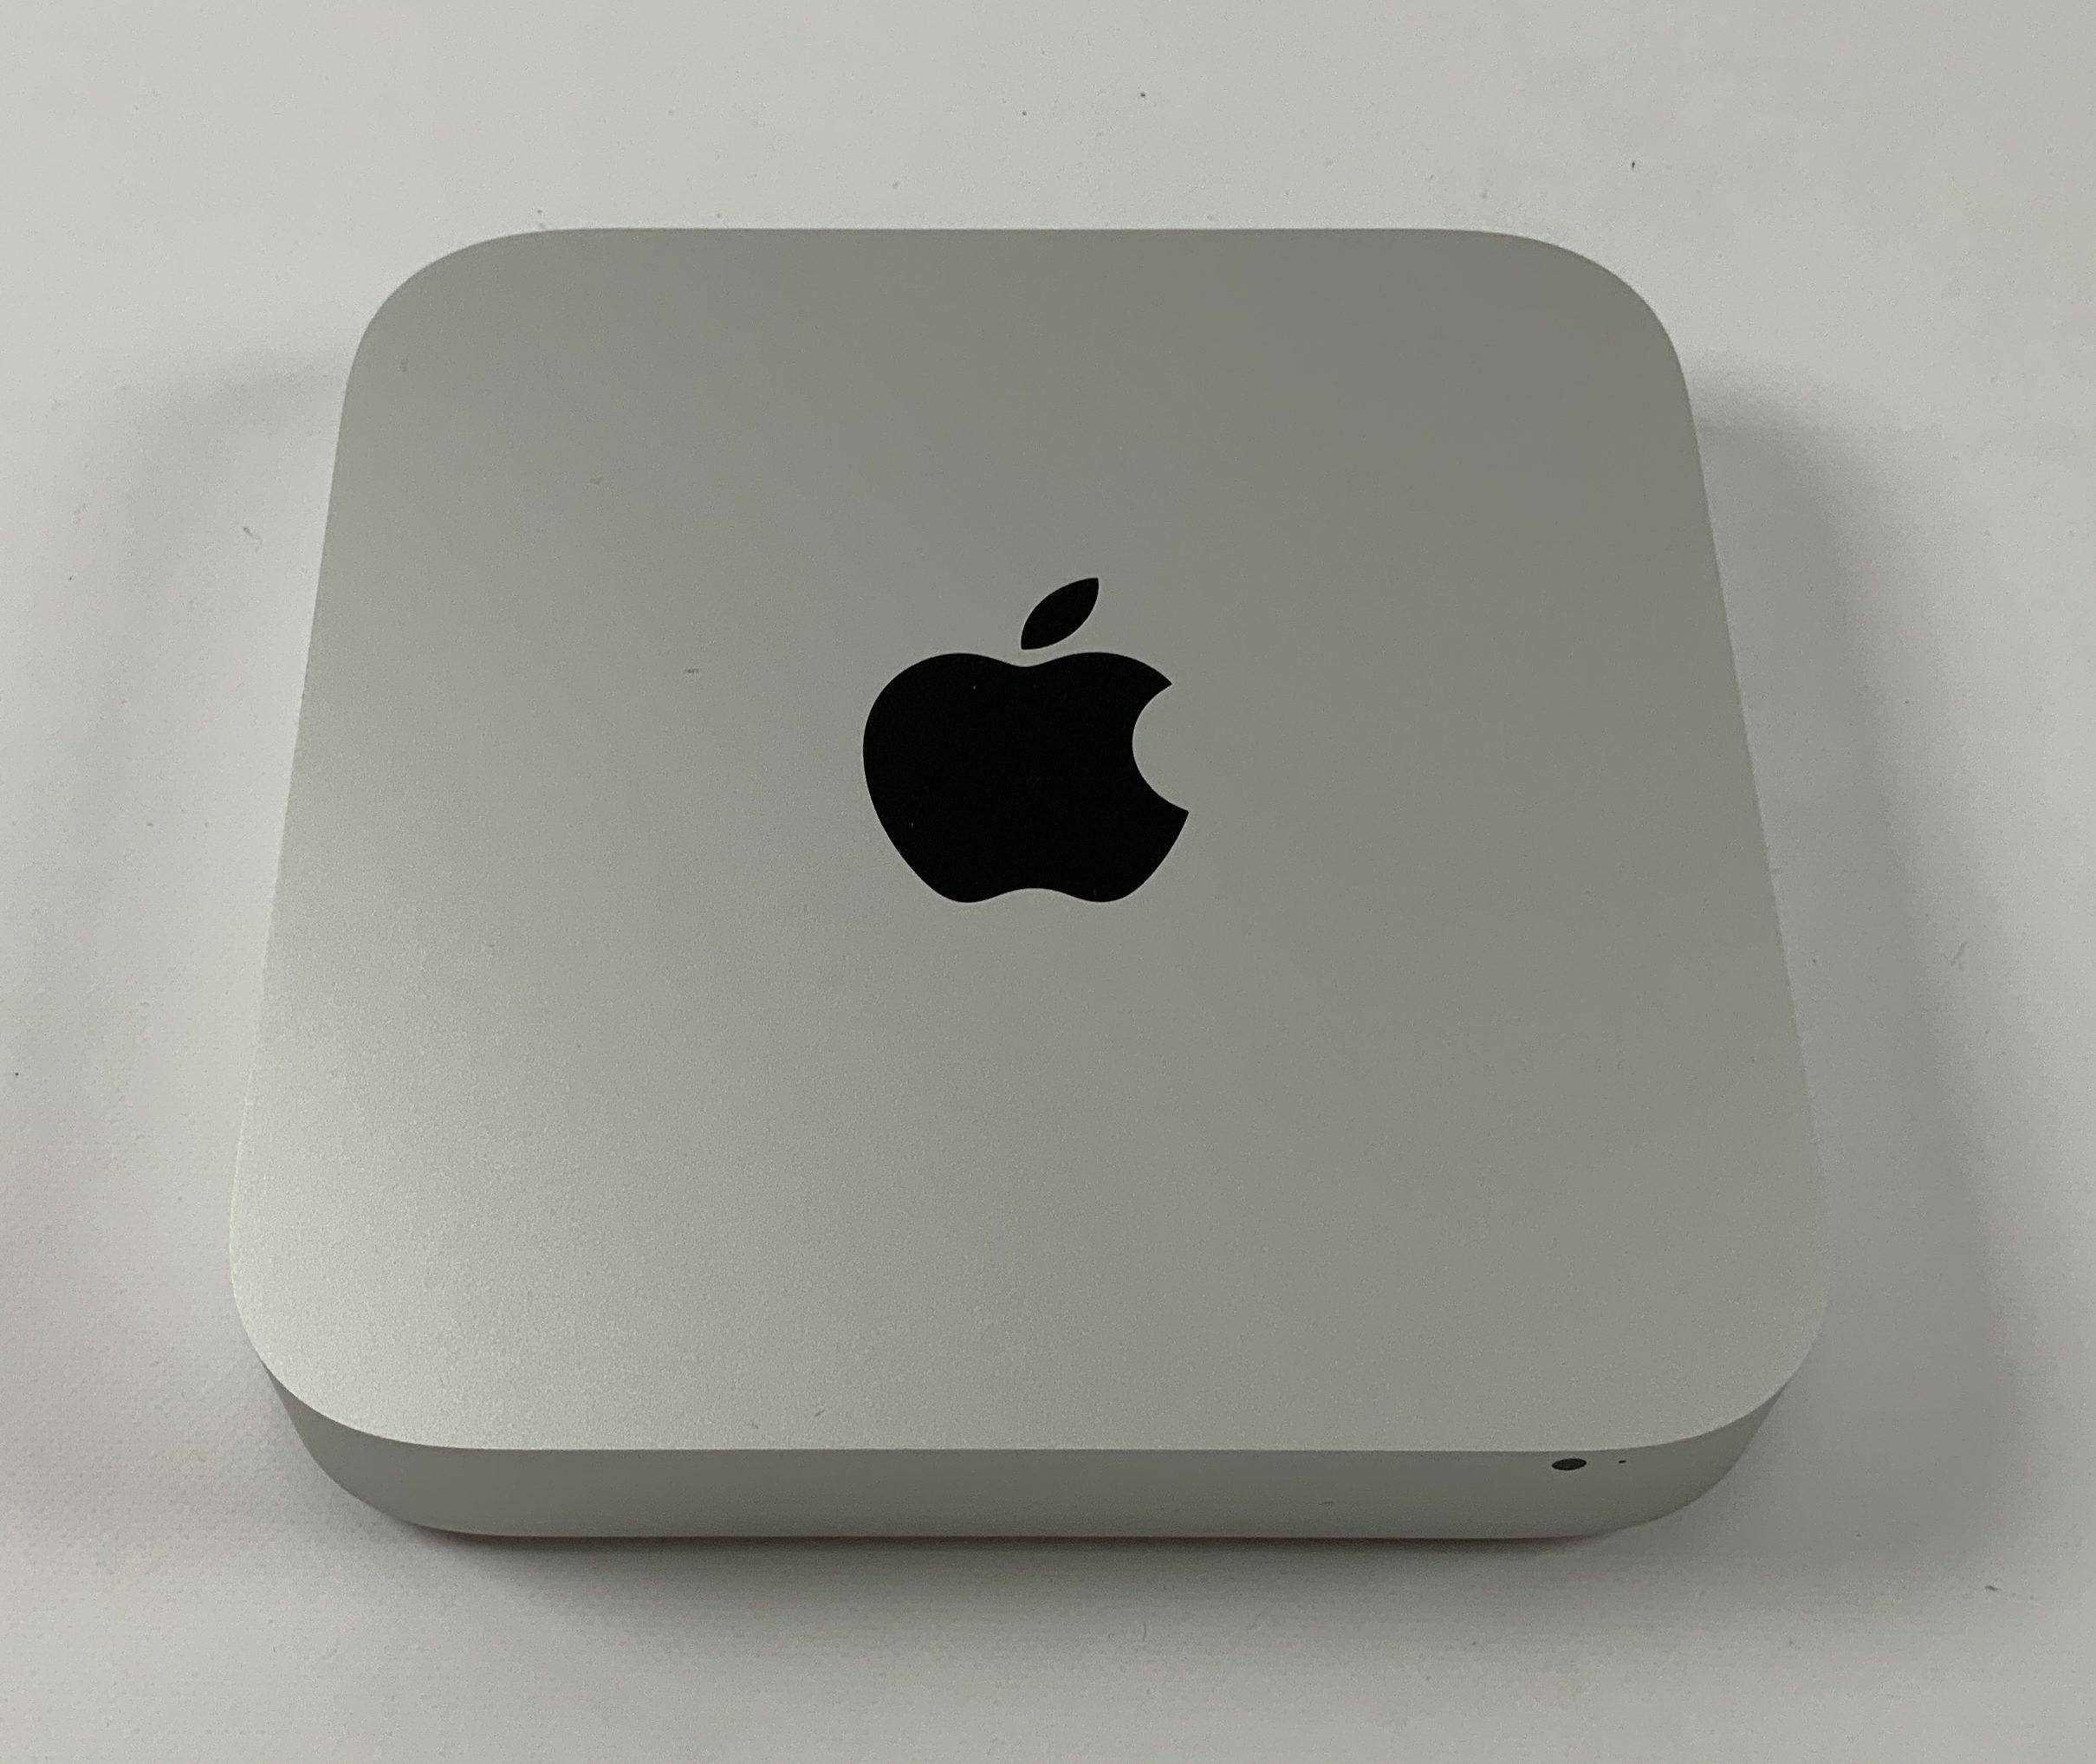 Mac Mini Late 2014 (Intel Core i7 3.0 GHz 16 GB RAM 512 GB SSD), Intel Core i7 3.0 GHz, 16 GB RAM, 512 GB SSD, bild 1